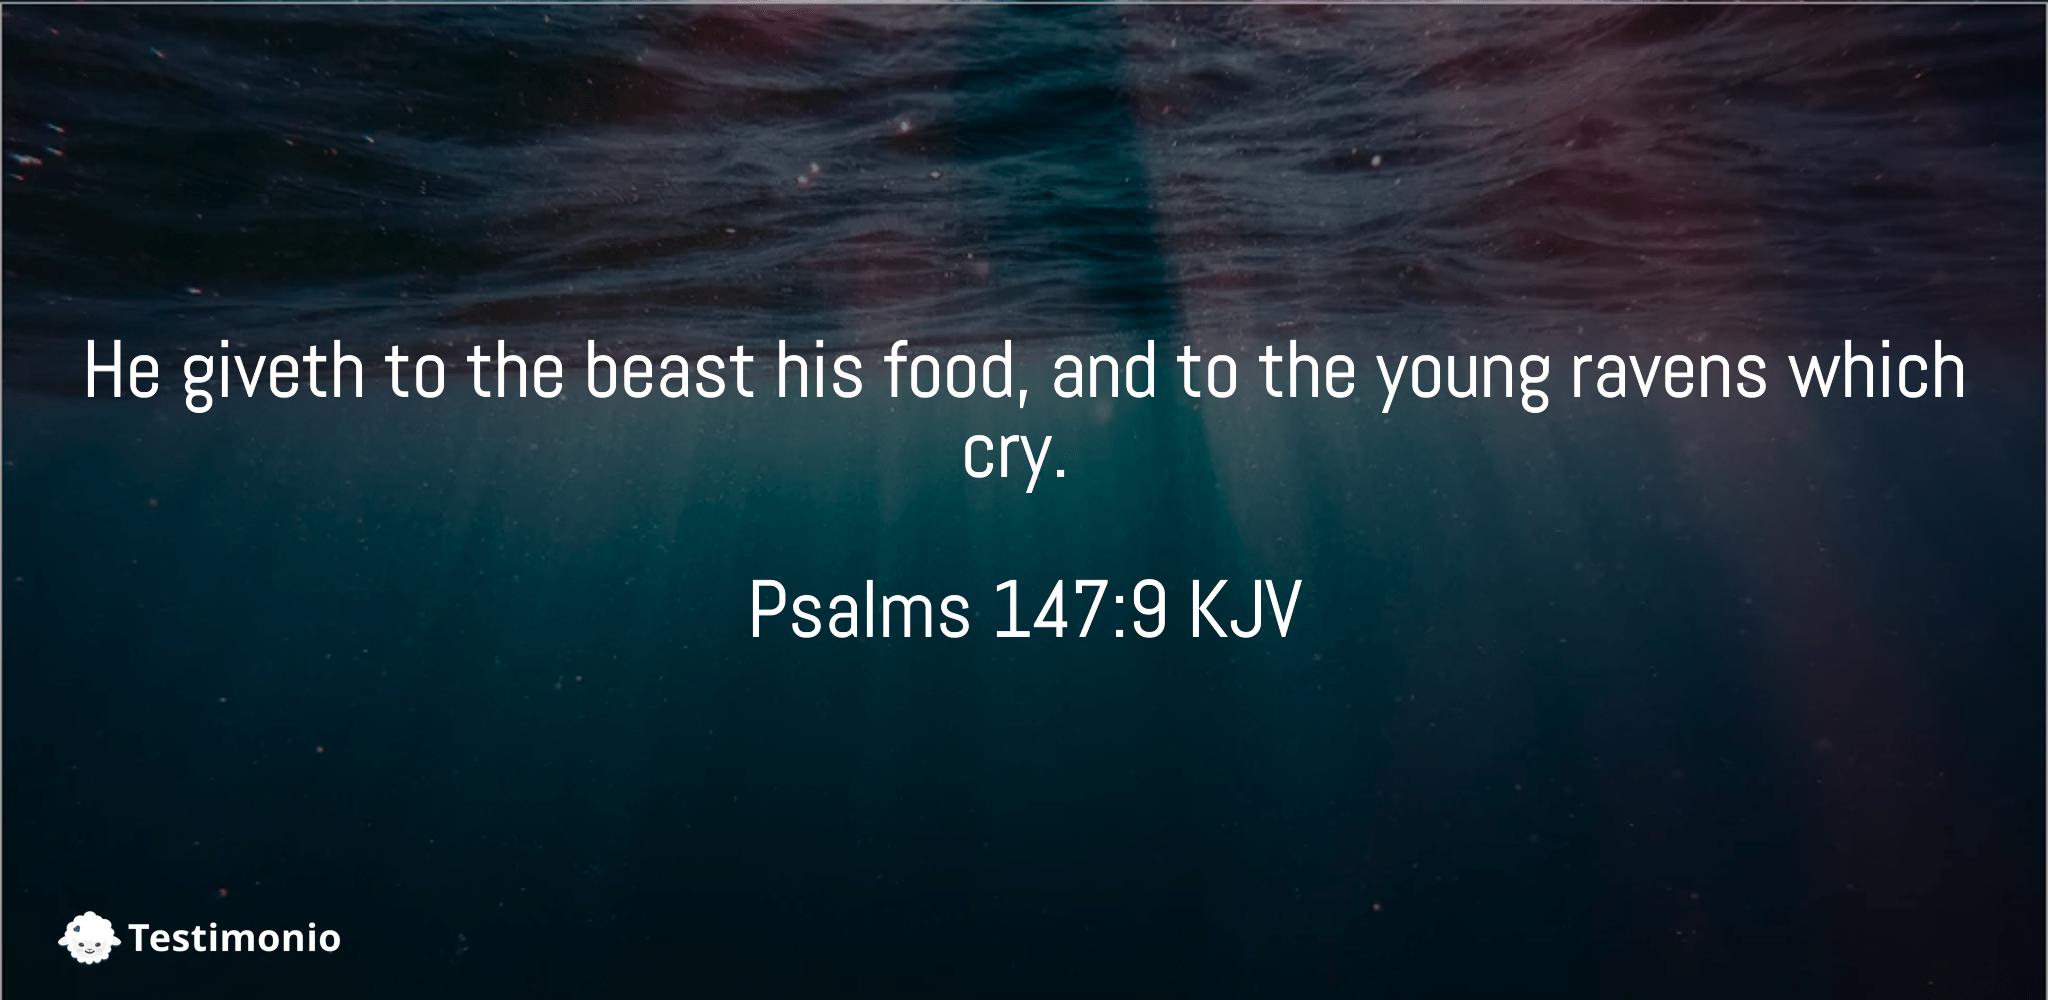 Psalms 147:9